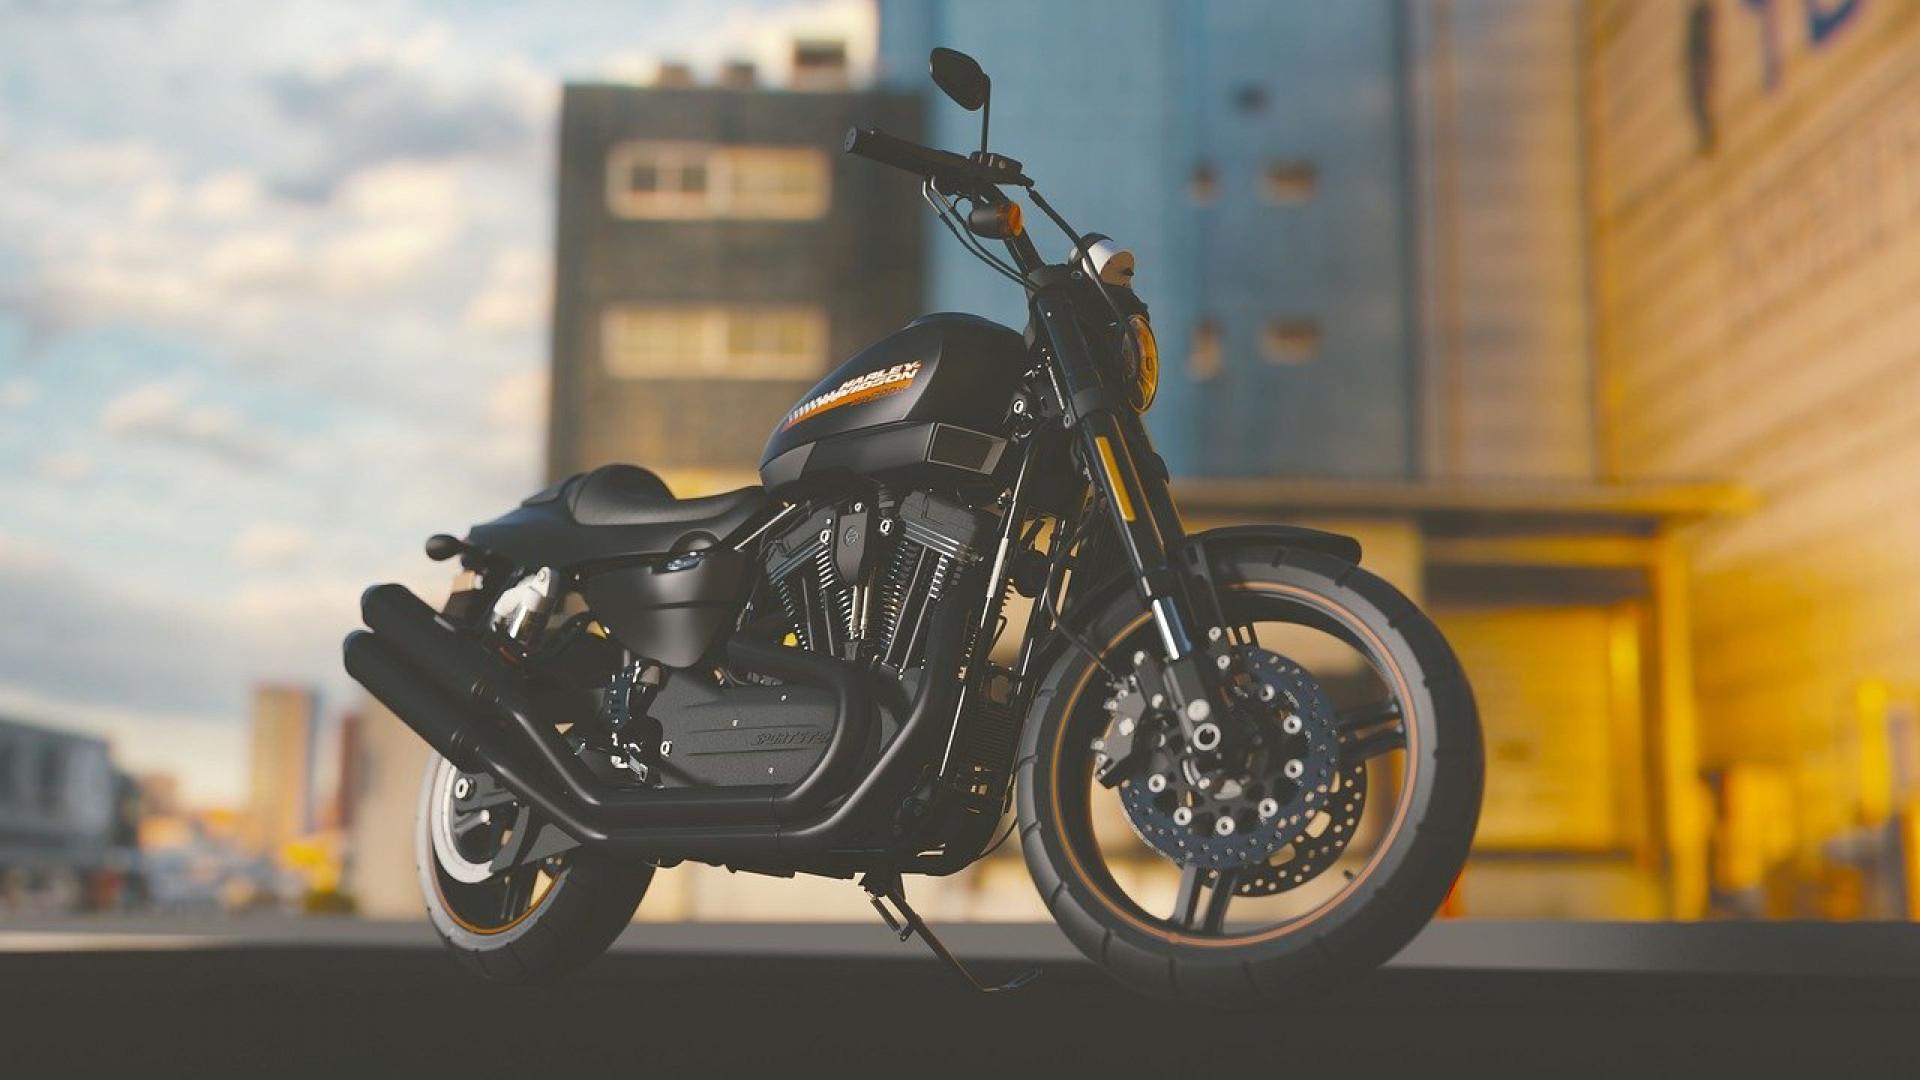 Installez une sacoche à l'arrière de votre moto